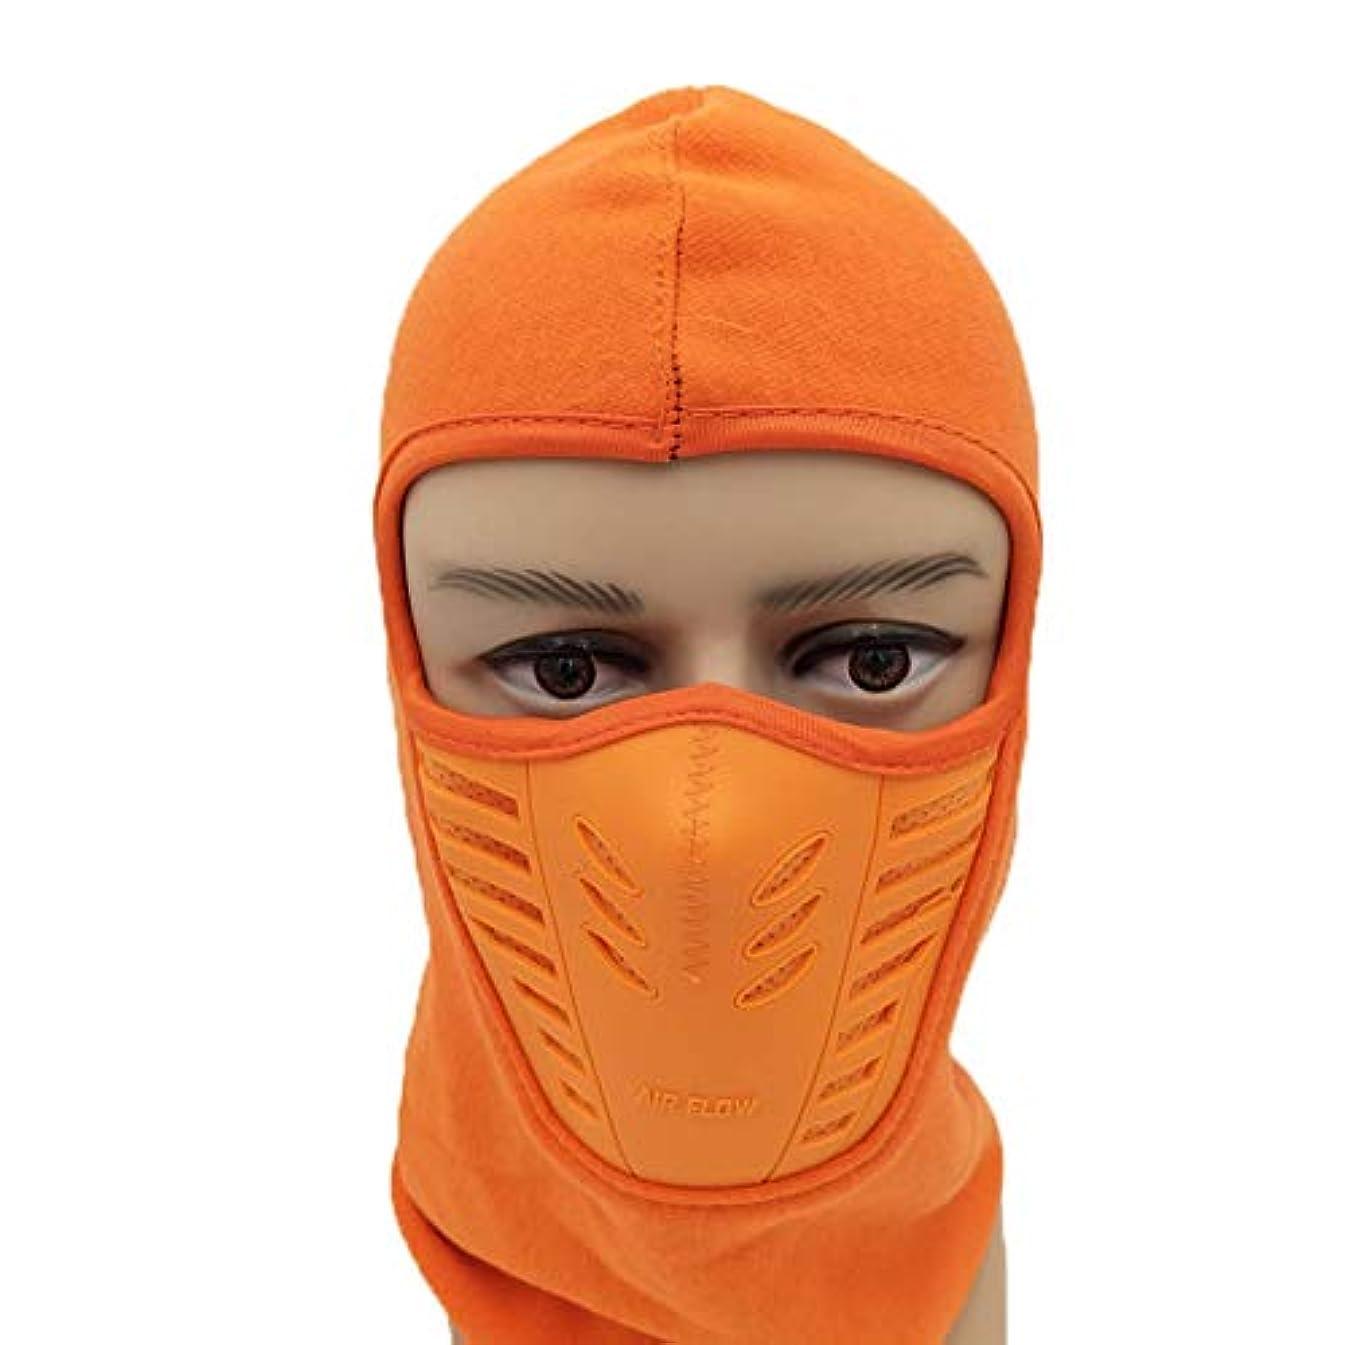 環境に優しい便利さプリーツCoolTack ウィンターフリースネックウォーマー、フェイスマスクカバー、厚手ロングネックガーターチューブ、ビーニーネックウォーマーフード、ウィンターアウトドアスポーツマスク防風フード帽子